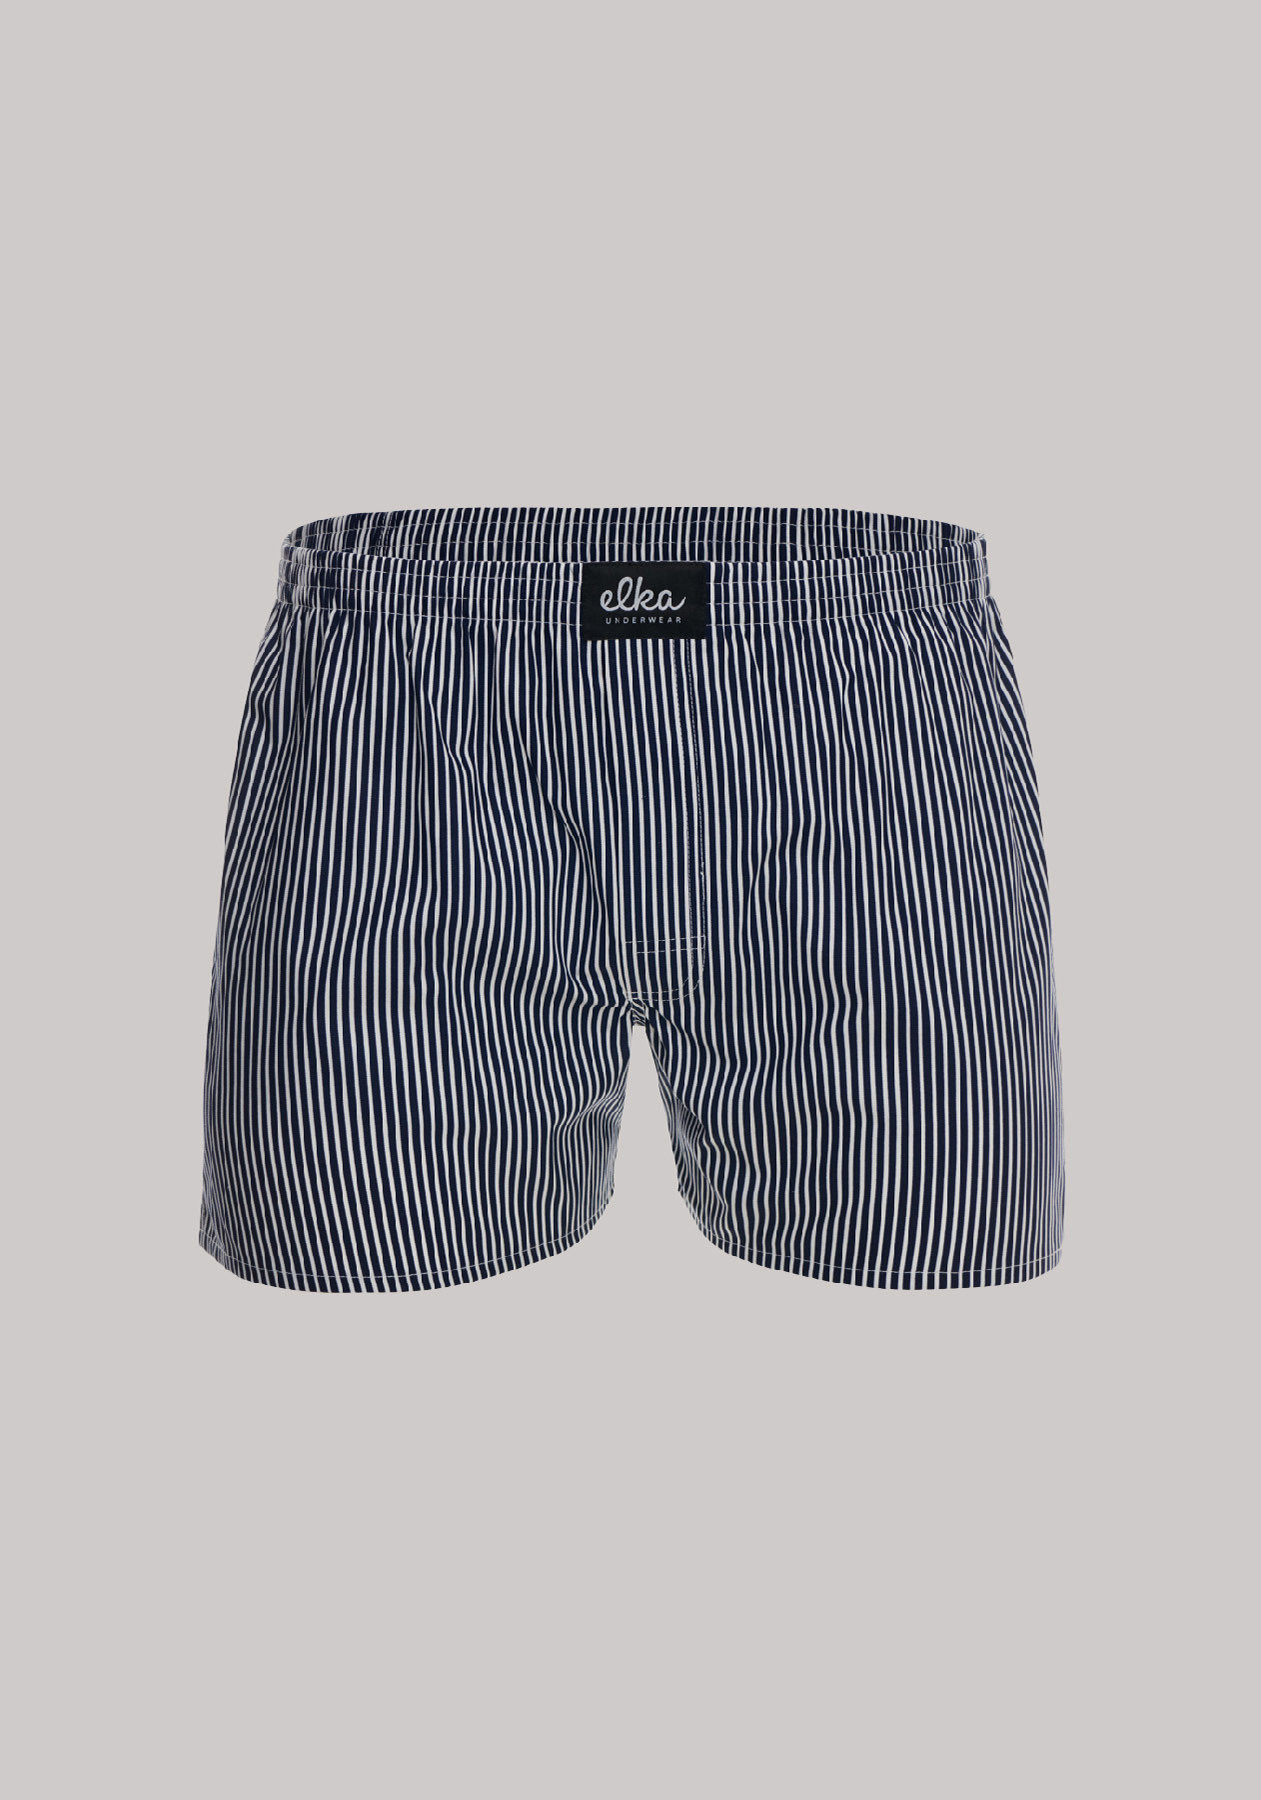 Men-boxershorts-ELKA-Lounge-M00598-02